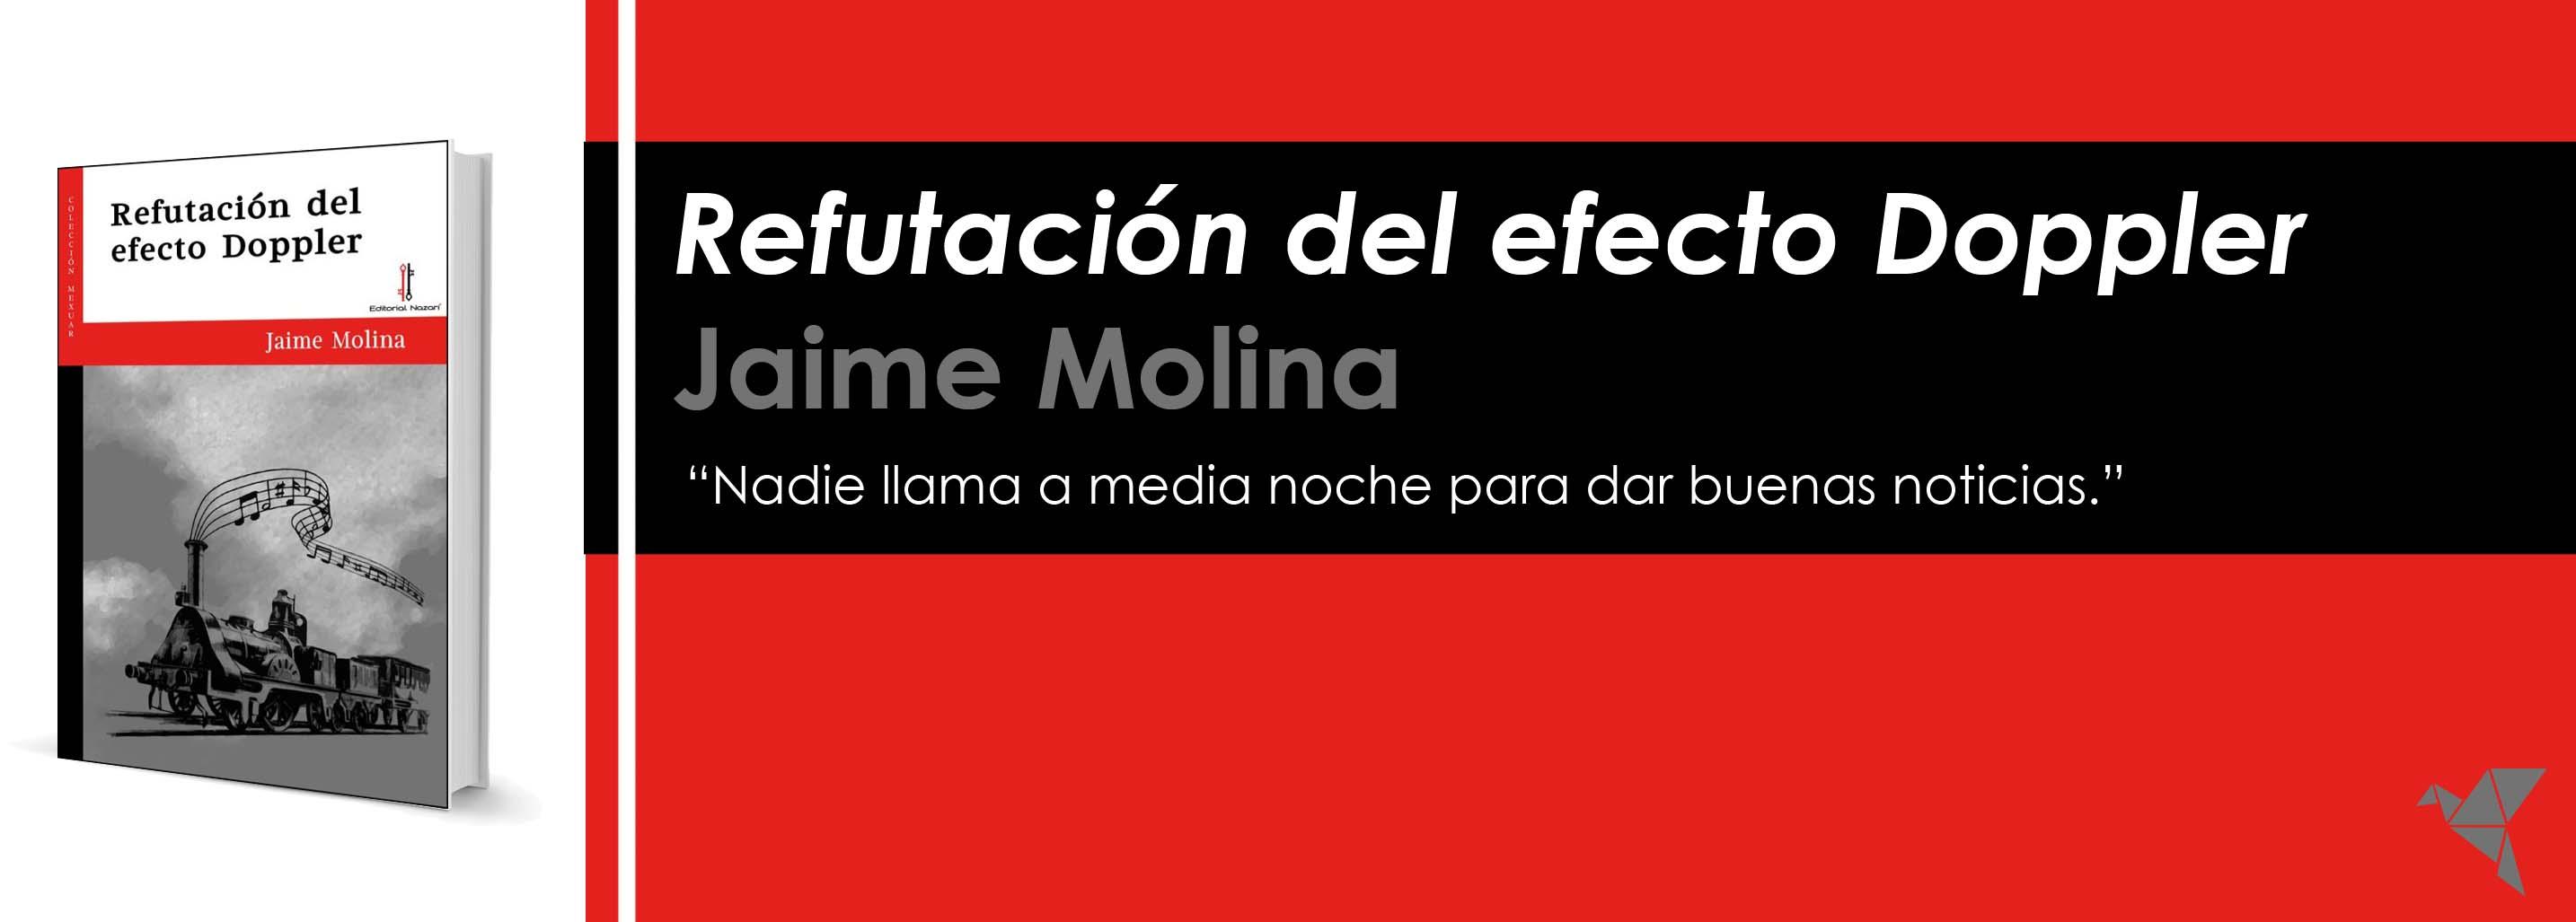 La refutación del efecto Doppler, de Jaime Molina García